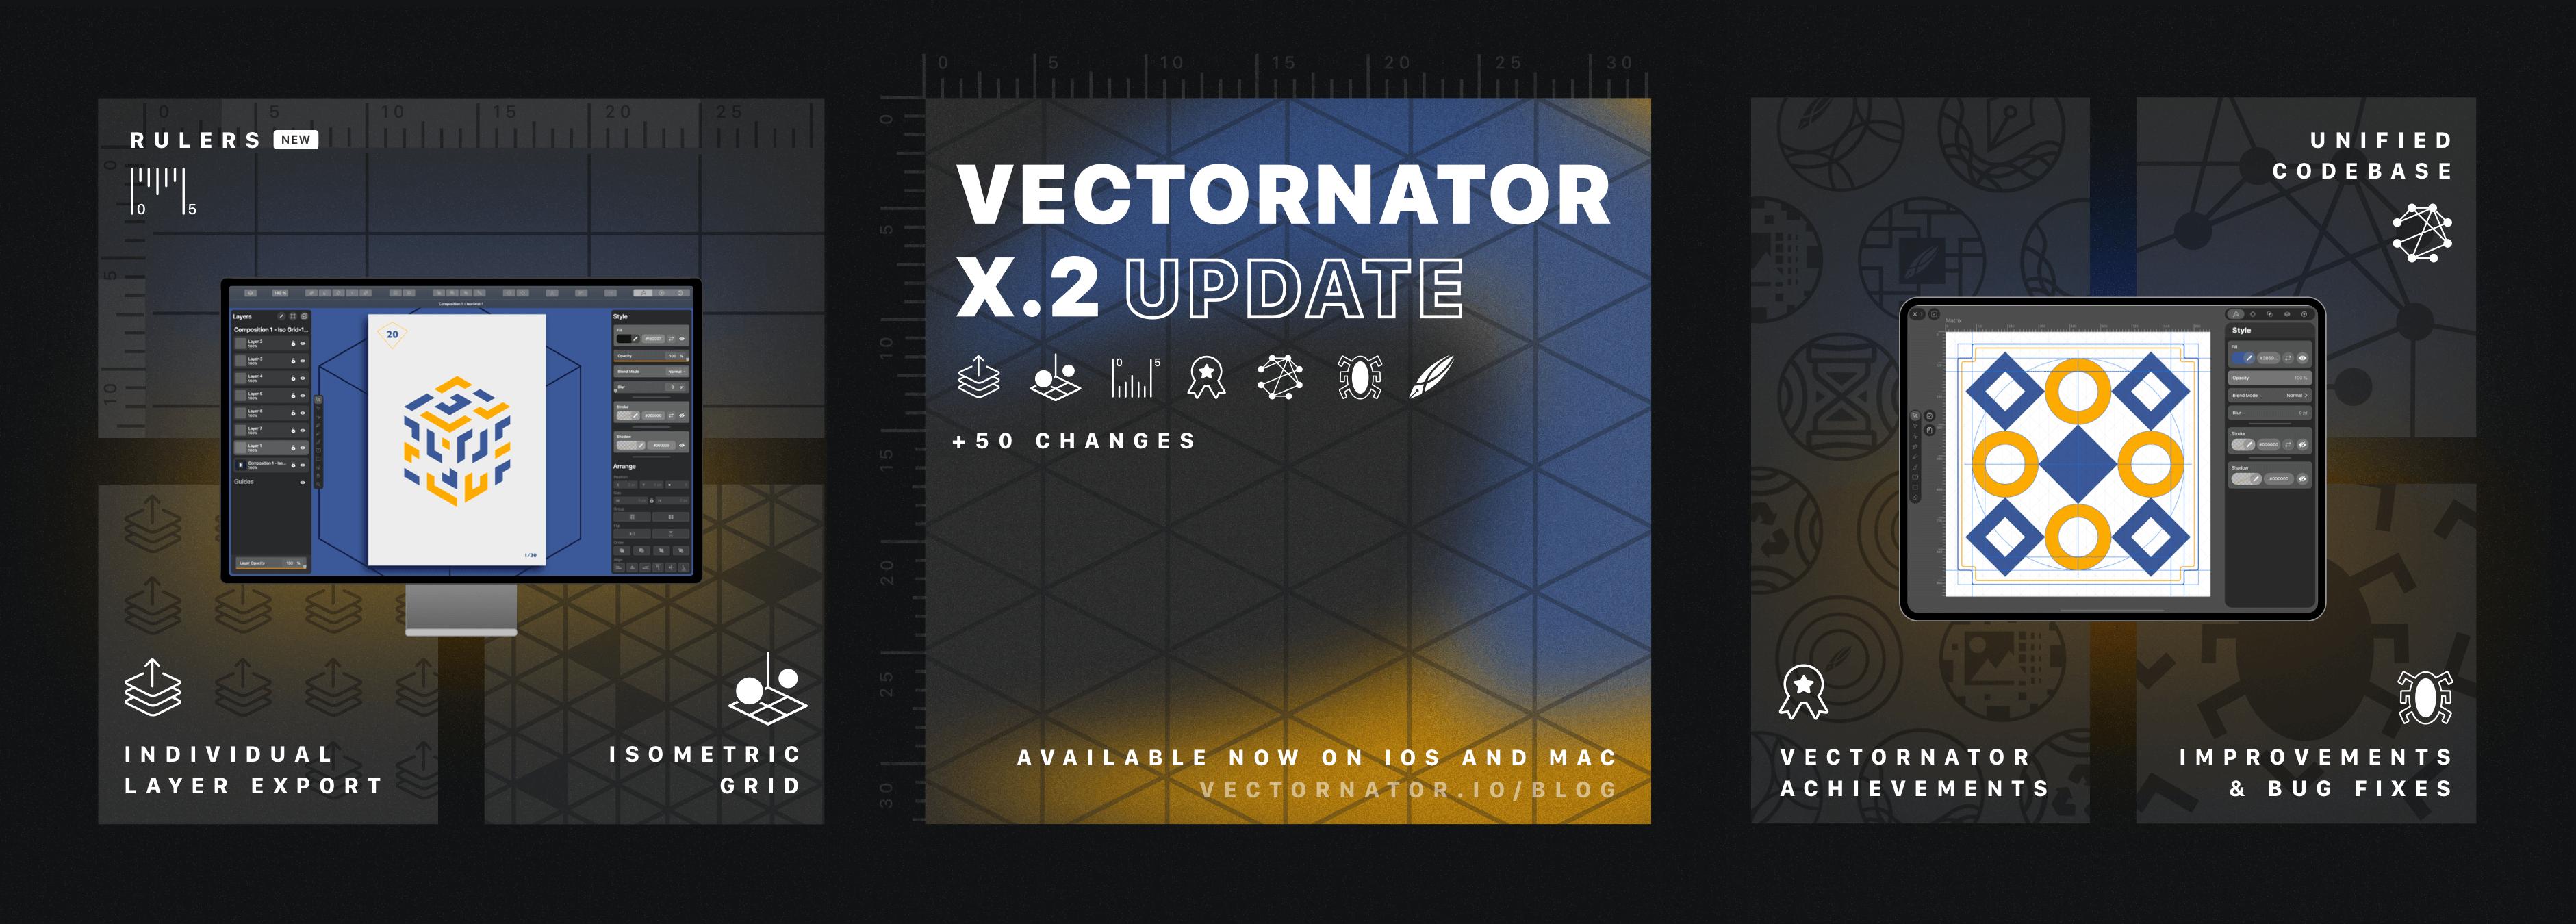 Vectornator-update-x2